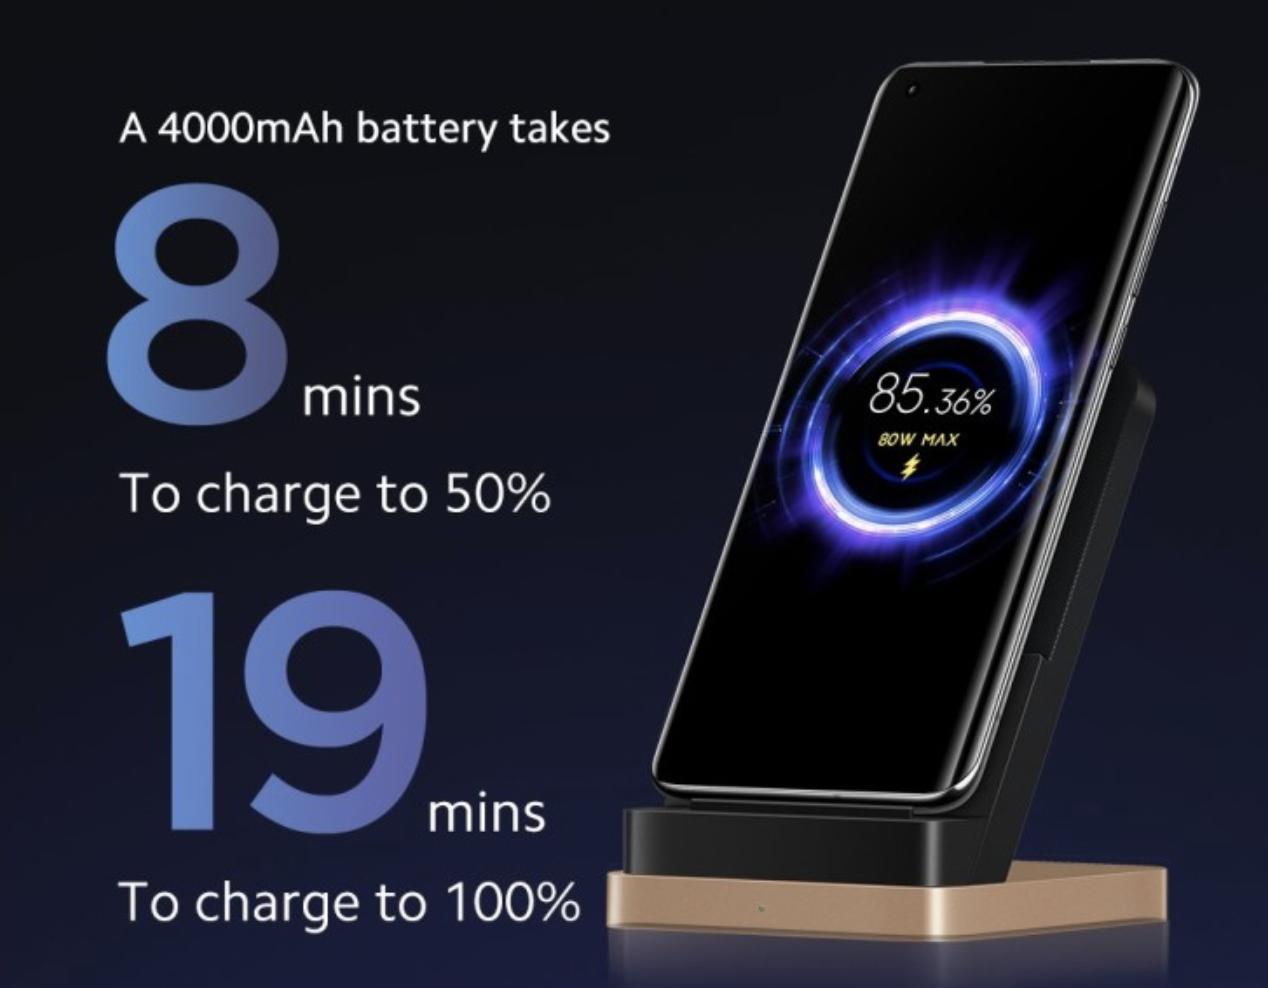 Fra 0 til 100% på 20 minutter – Med 125W lader Oppo en mobil